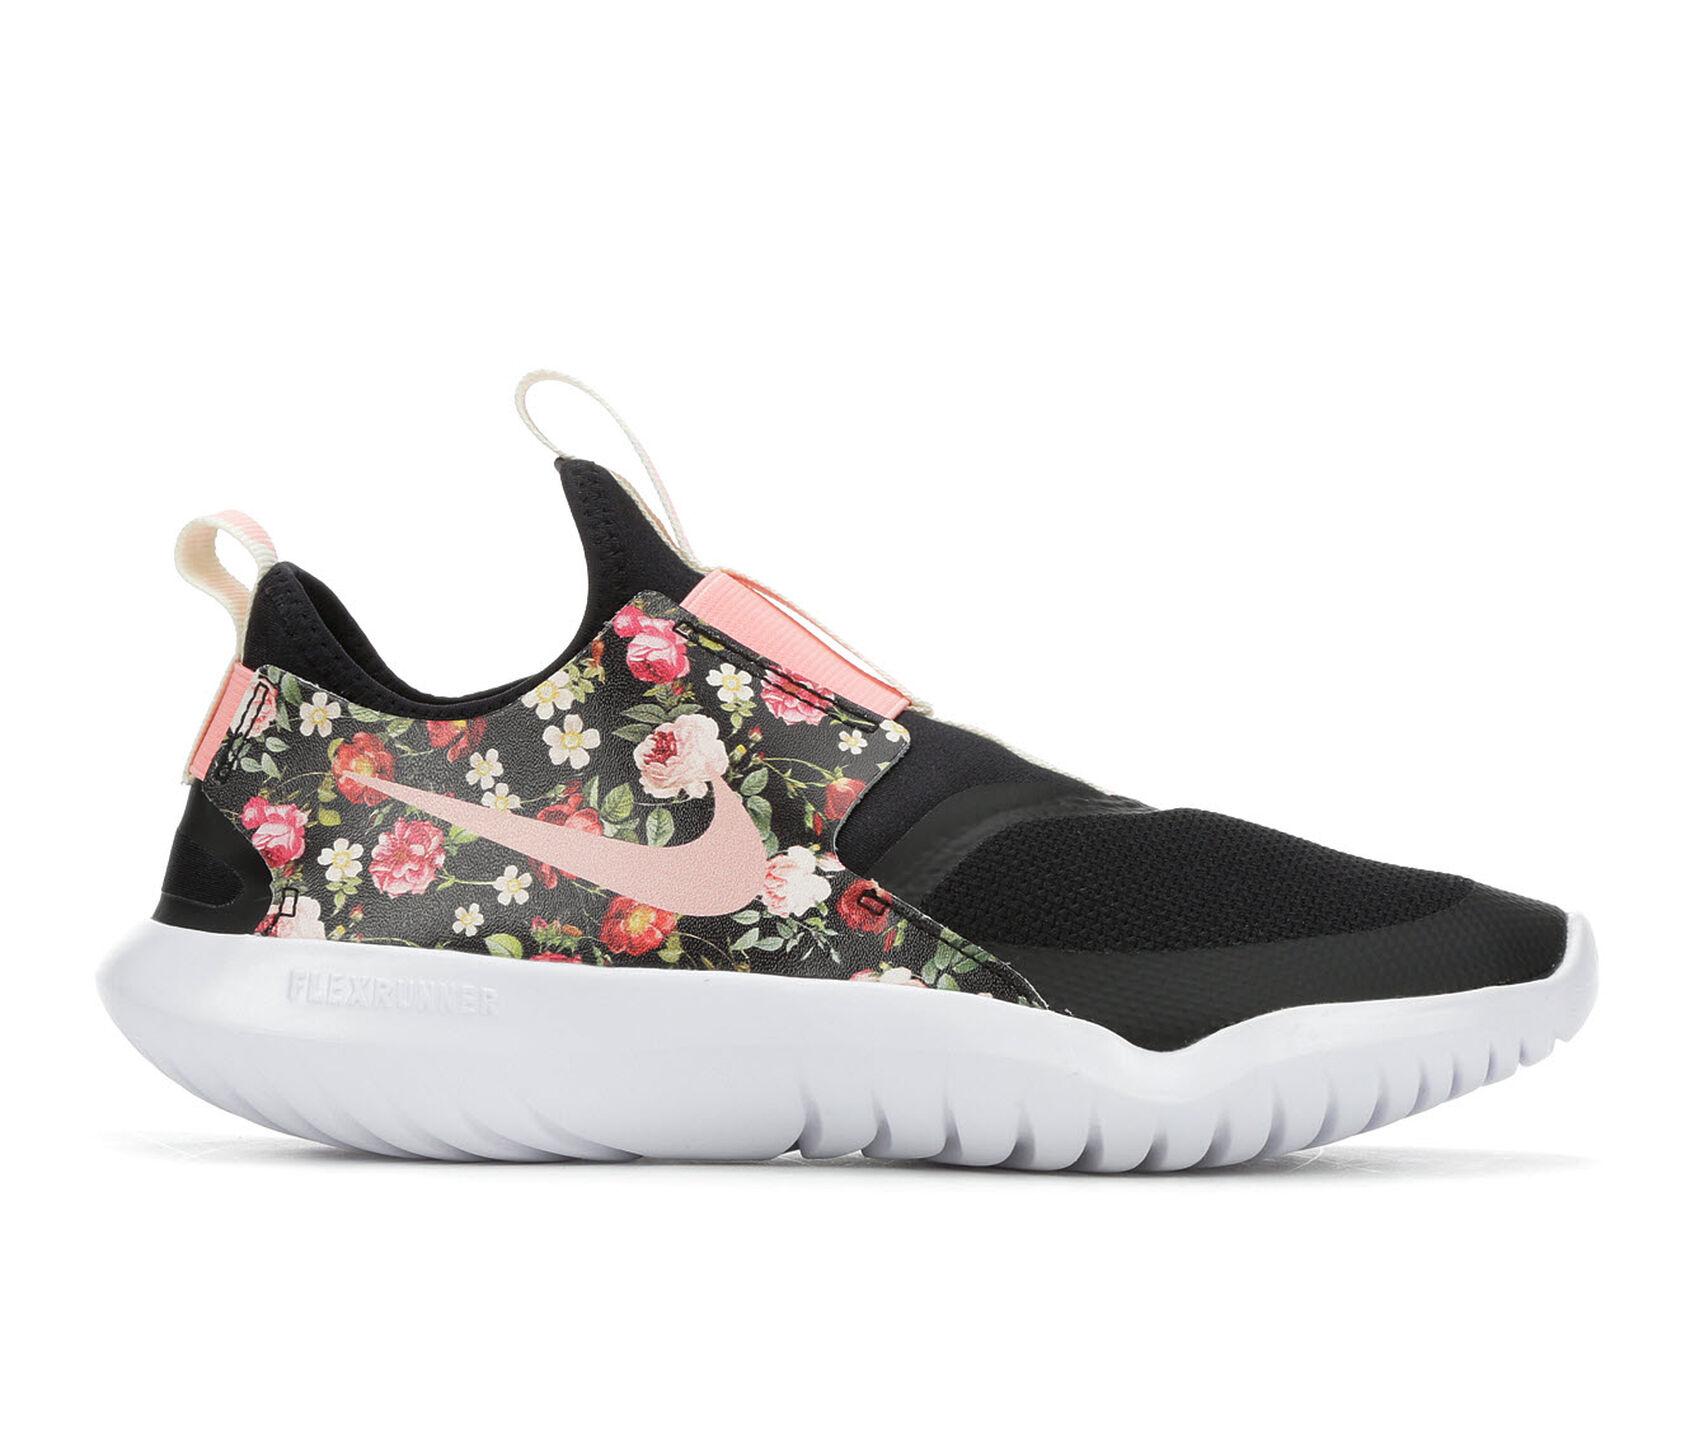 nouveau style ffd01 53a37 Girls' Nike Big Kid Flex Runner Running Shoes